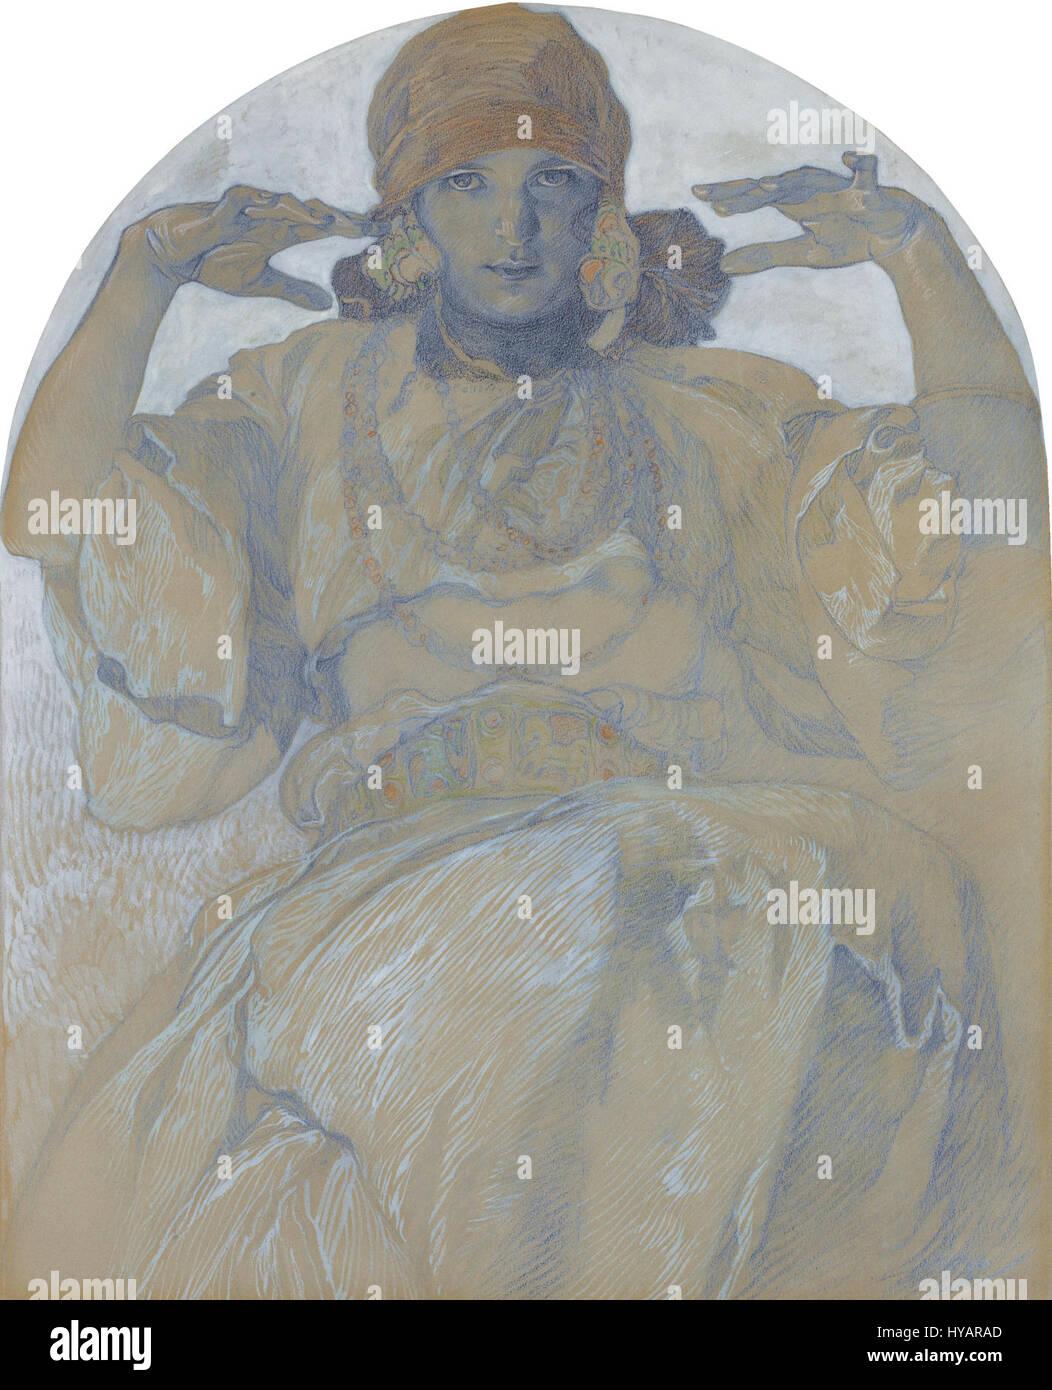 Jaroslava Mucha by Alphonse Mucha (1860 1939) - Stock Image